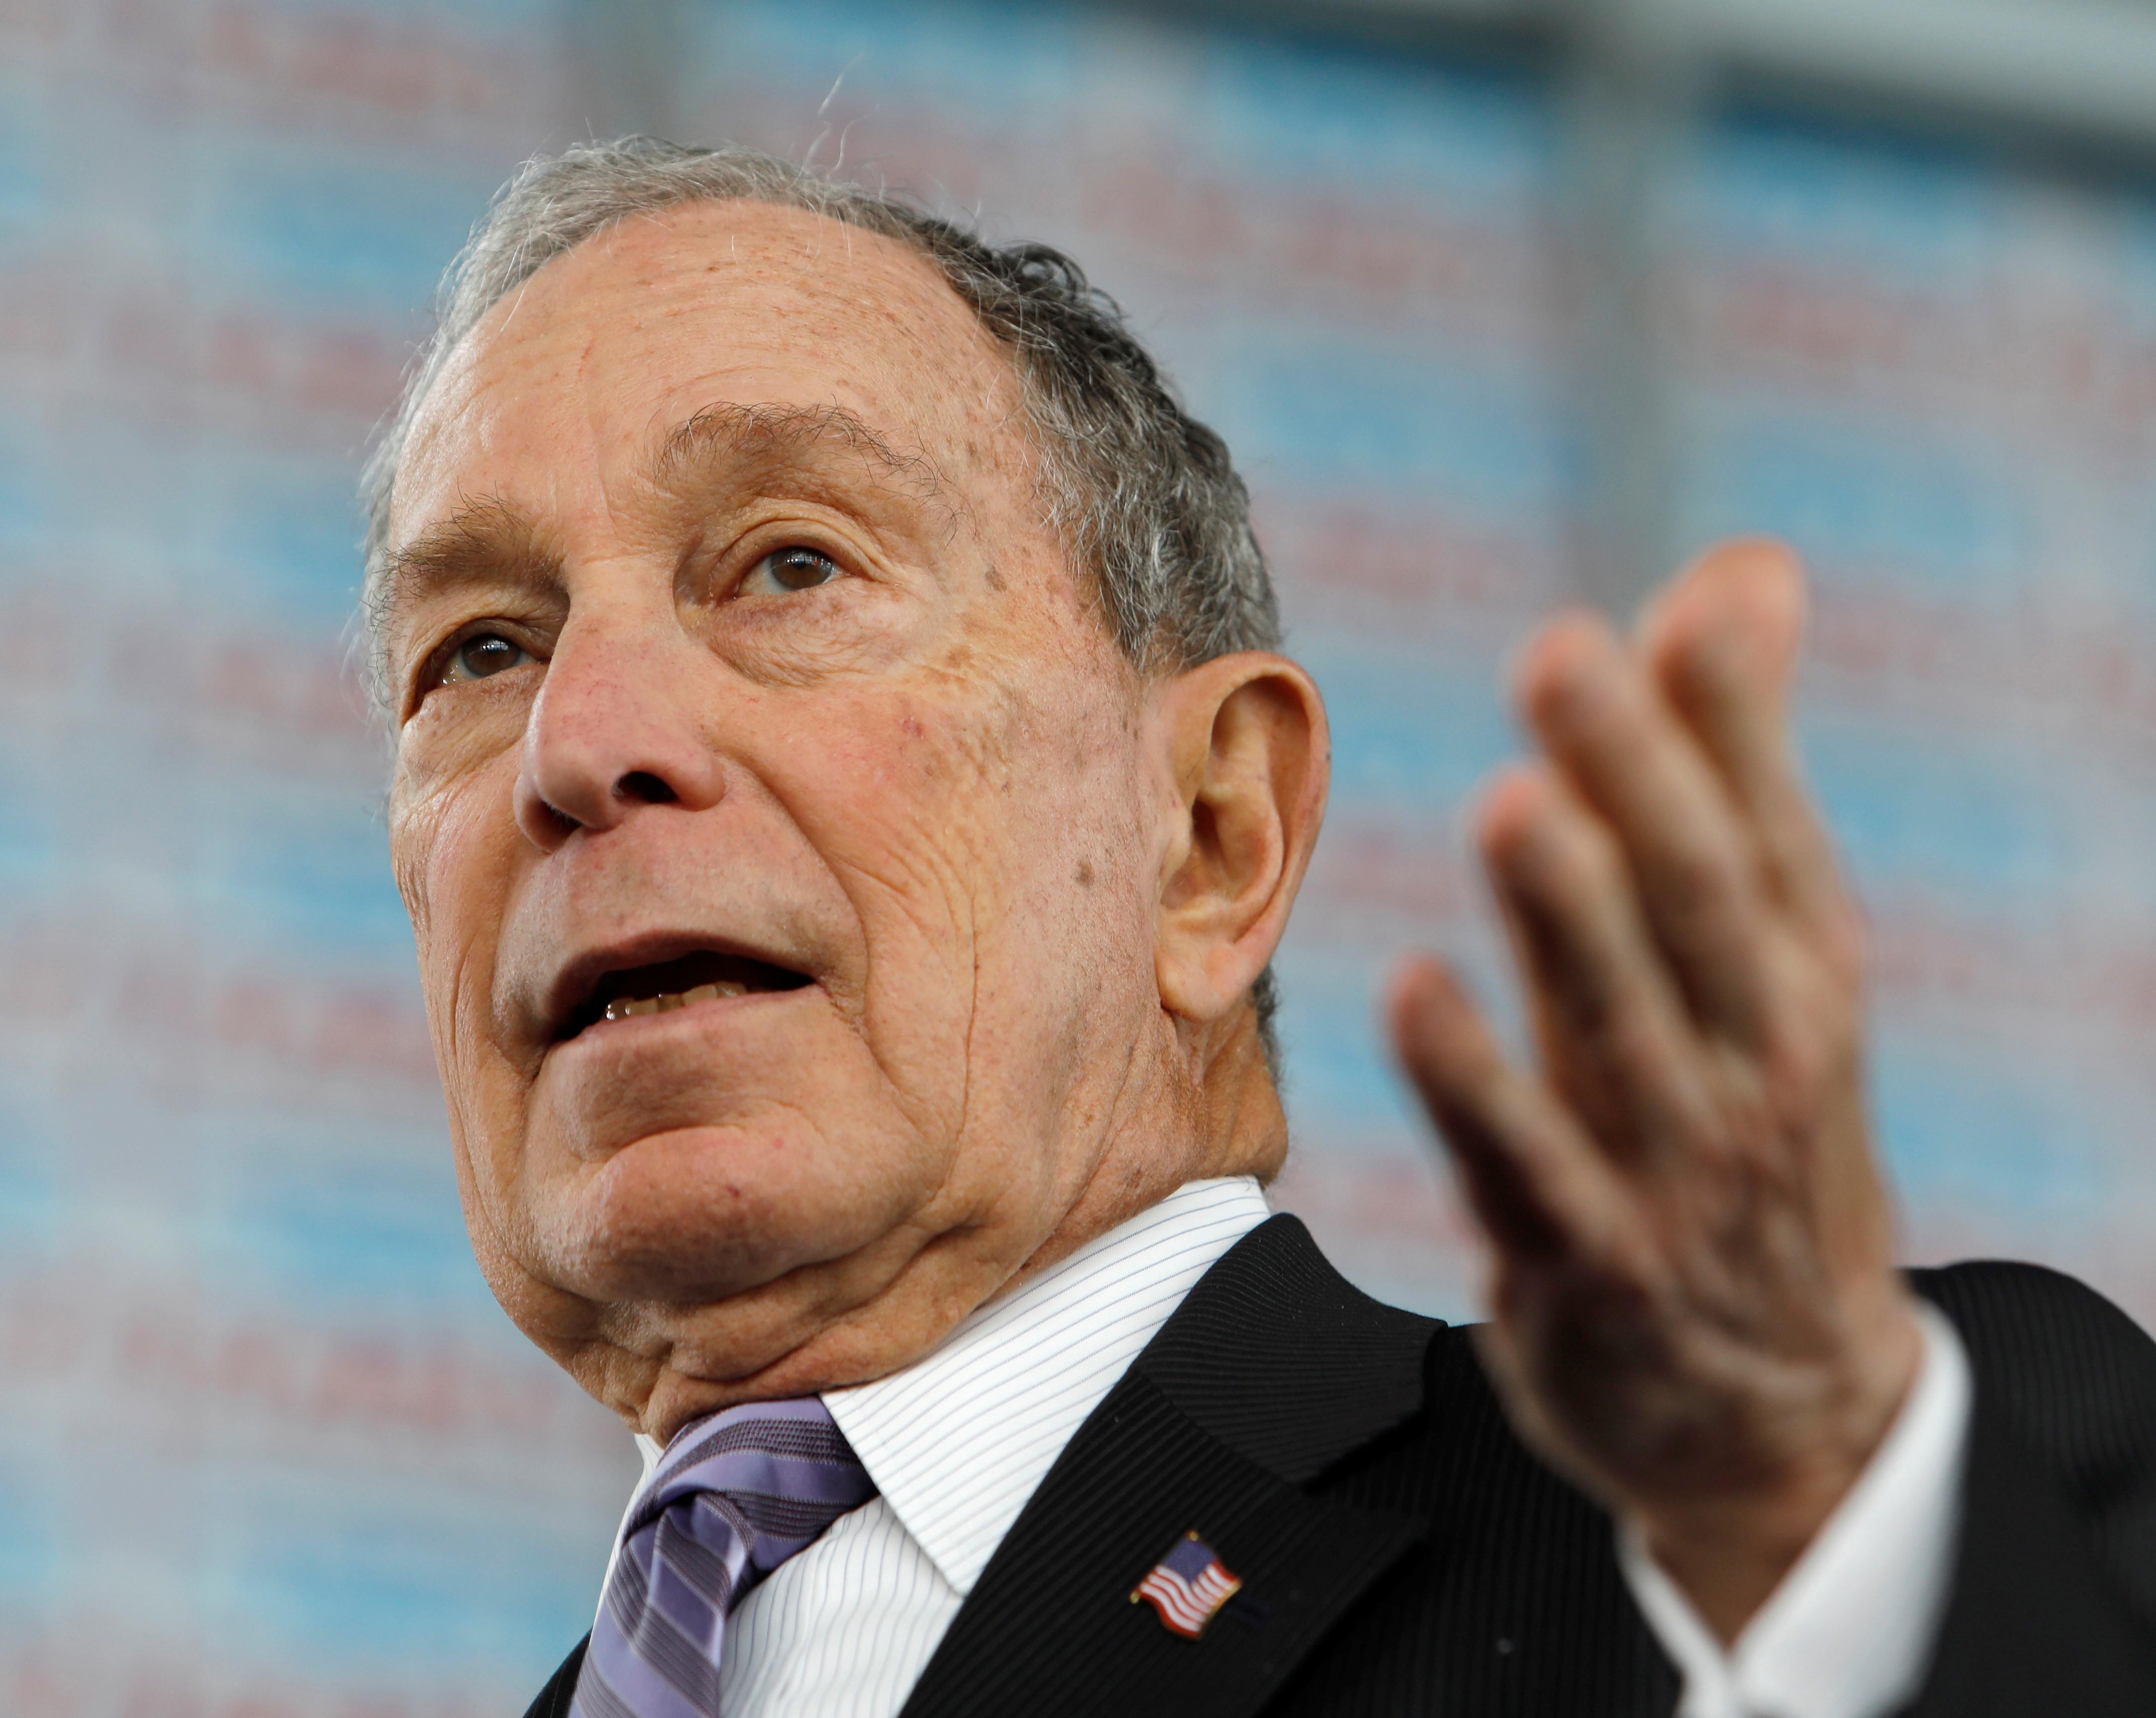 Bloomberg cresce e enfrenta rivais democratas em seu 1º debate na TV